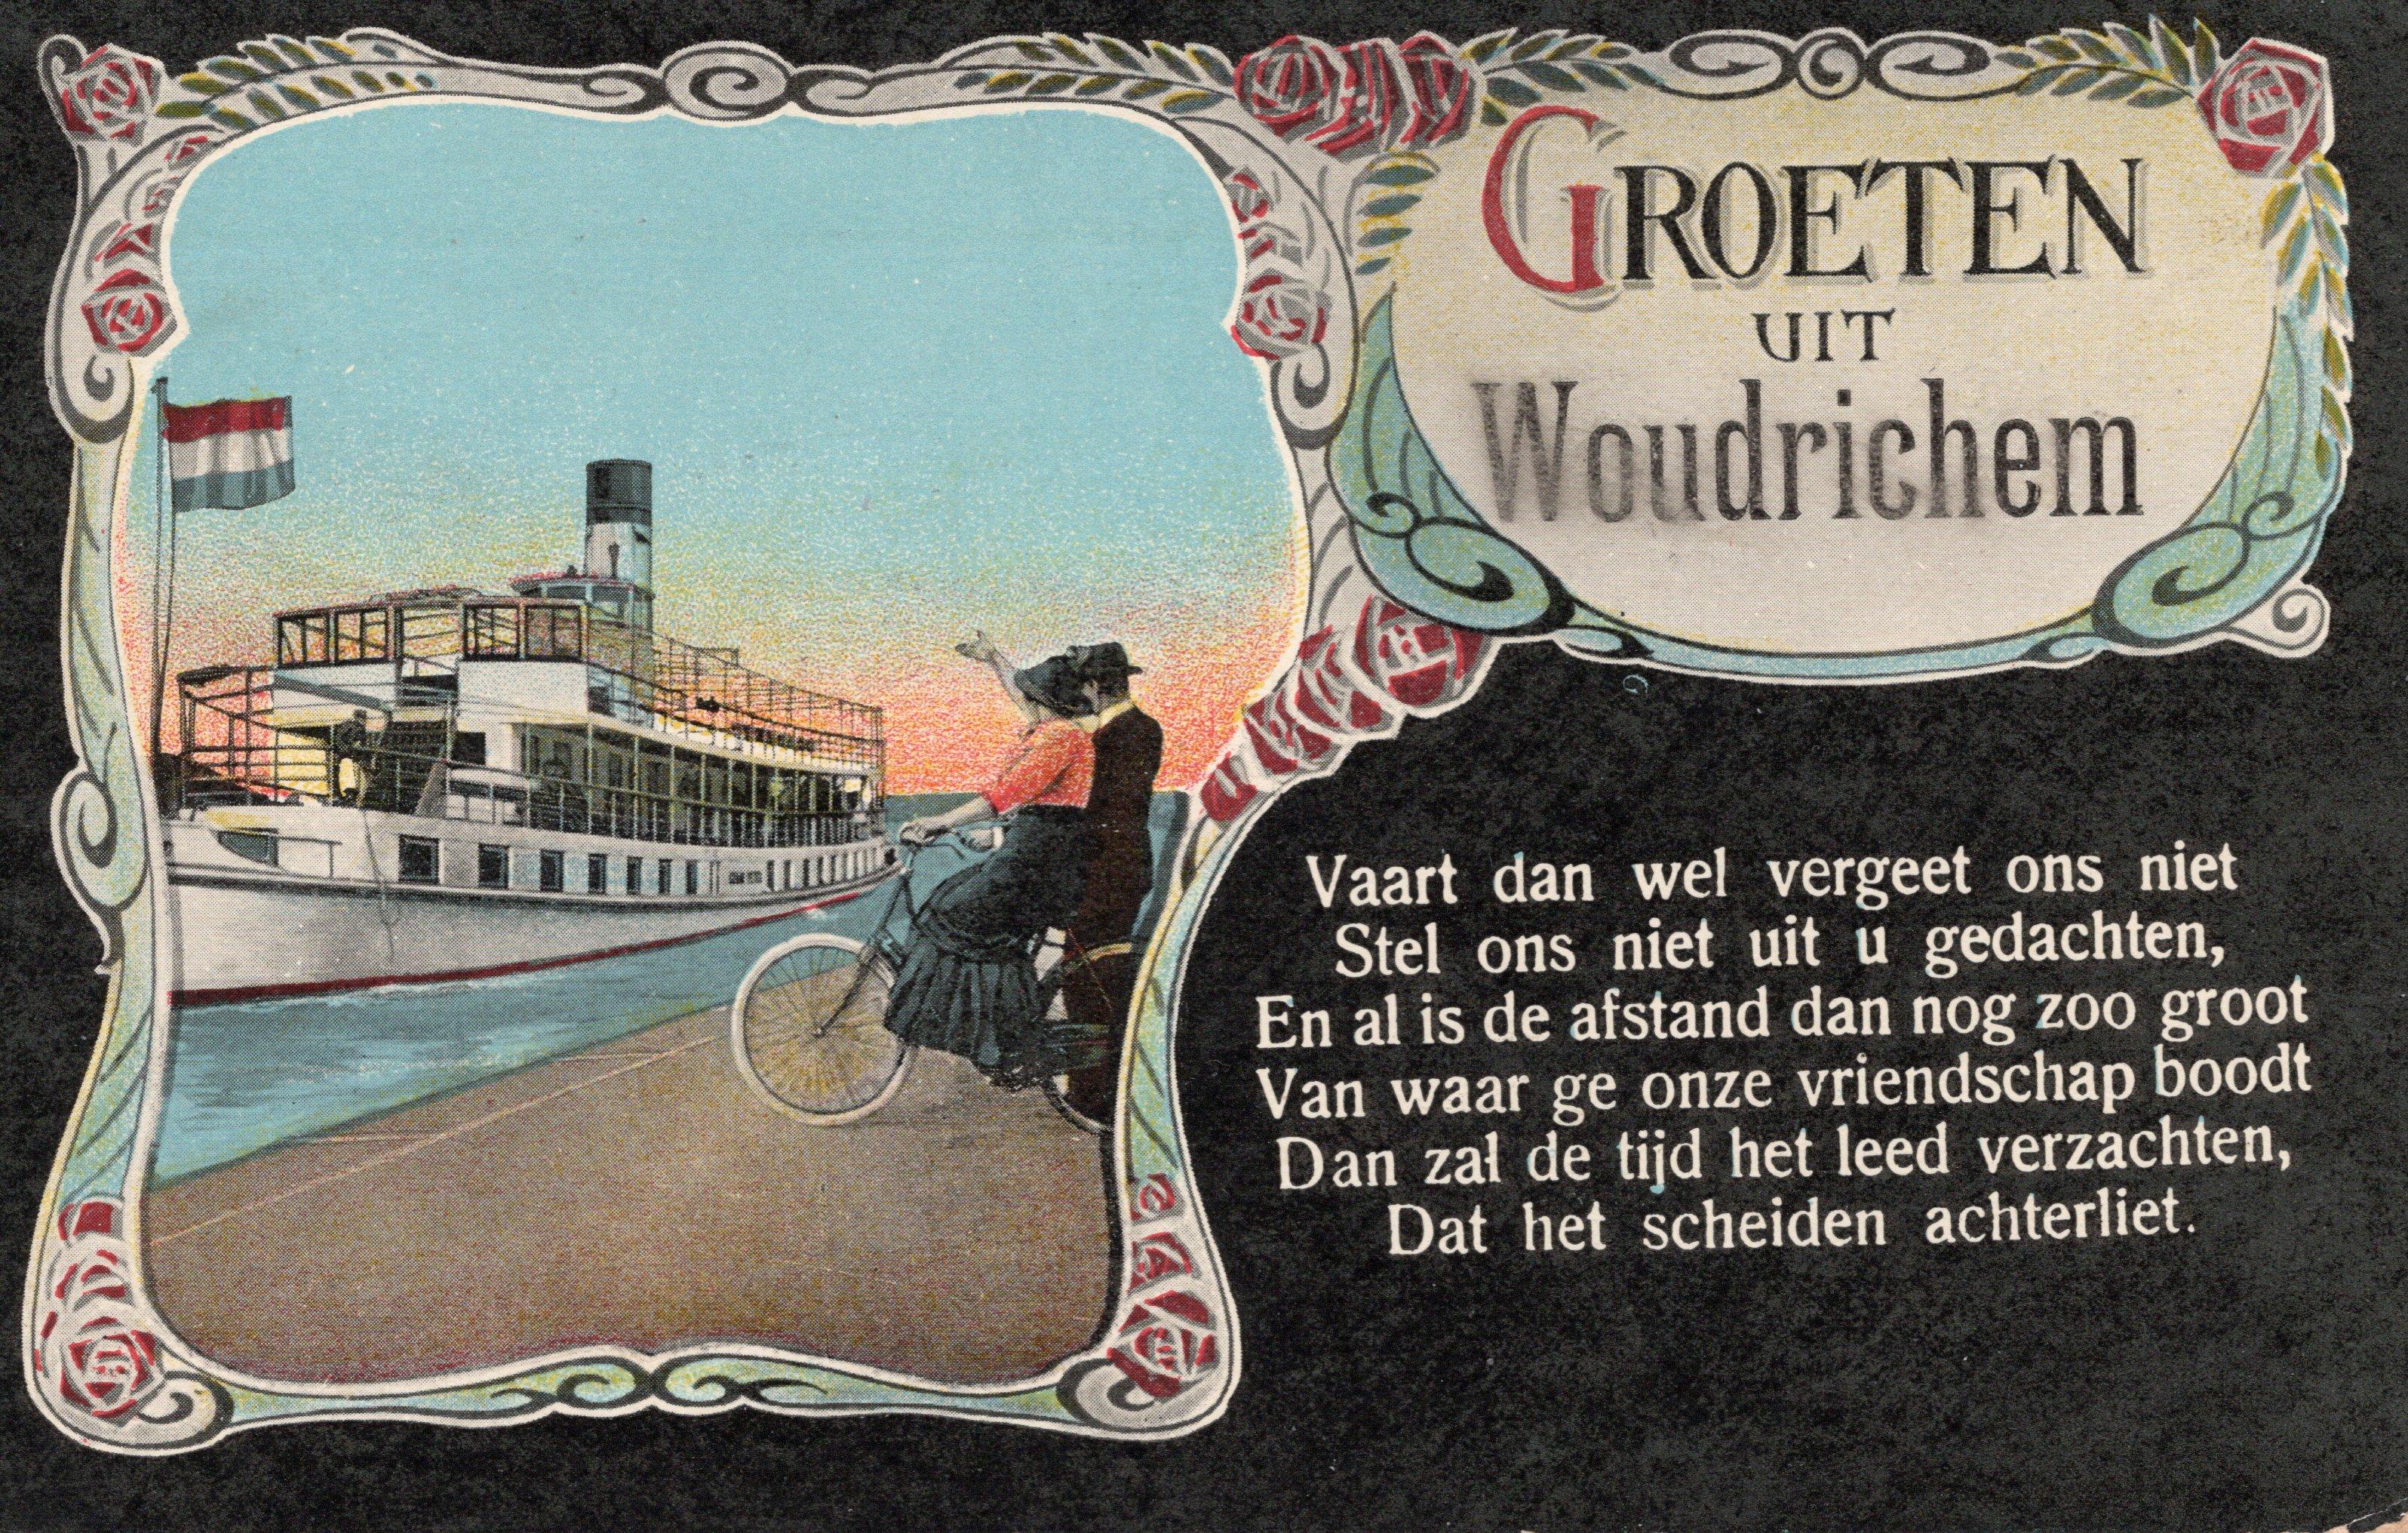 Groeten-uit-Woudrichem-053